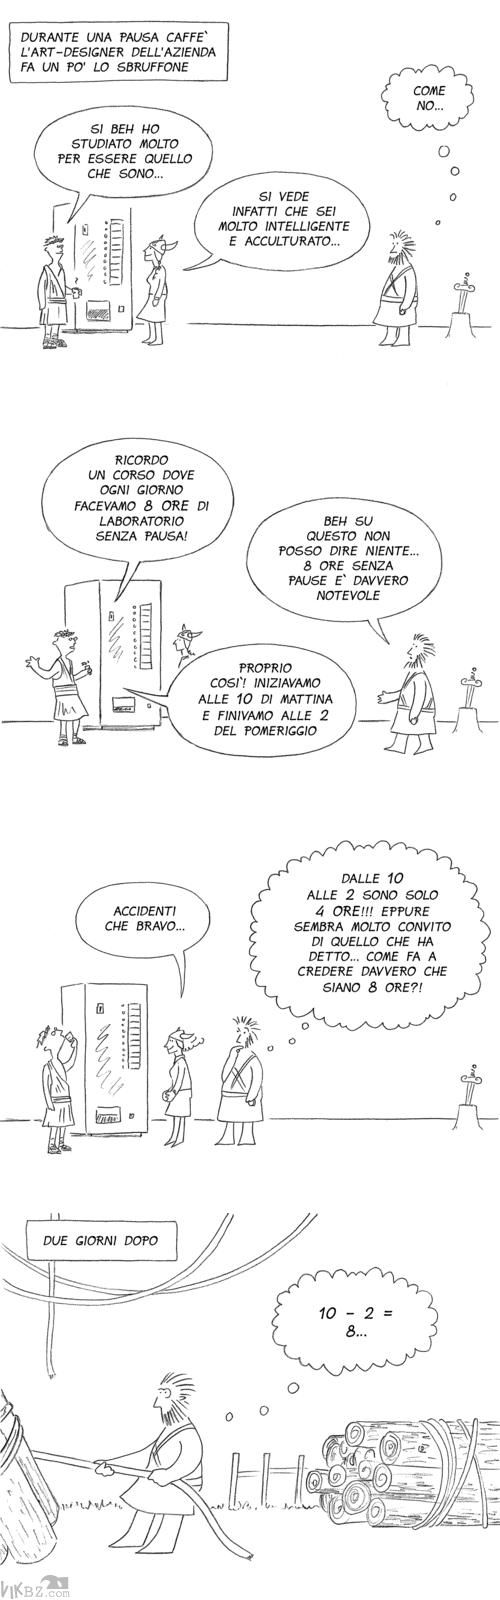 La sottile intelligenza di un consulente esterno